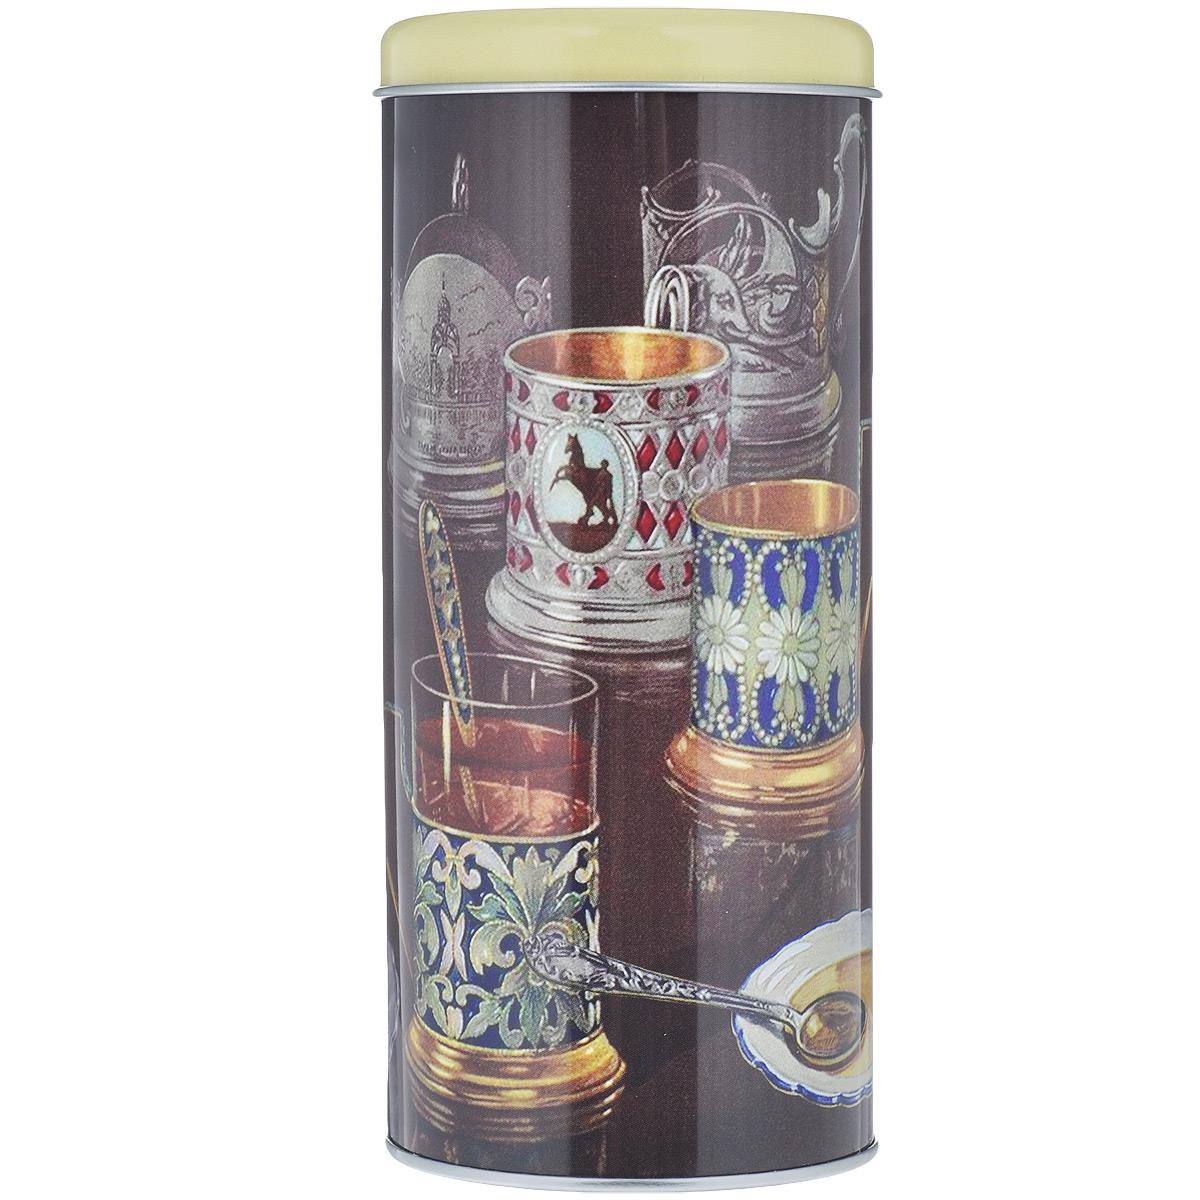 Банка для сыпучих продуктов Феникс-Презент Подстаканники, 750 млVT-1520(SR)Банка для сыпучих продуктов Феникс-Презент Подстаканники изготовлена из металла и оснащена крышкой. Корпус банки оформлен рисунком с изображением стаканов в подстаканниках. Изделие идеально подойдет для хранения чая, кофе, сахара или других сыпучих продуктов. Банка сохраняет продукты свежими и ароматными на длительное время. Функциональная и вместительная, такая банка станет незаменимым аксессуаром и стильно оформит интерьер кухни.